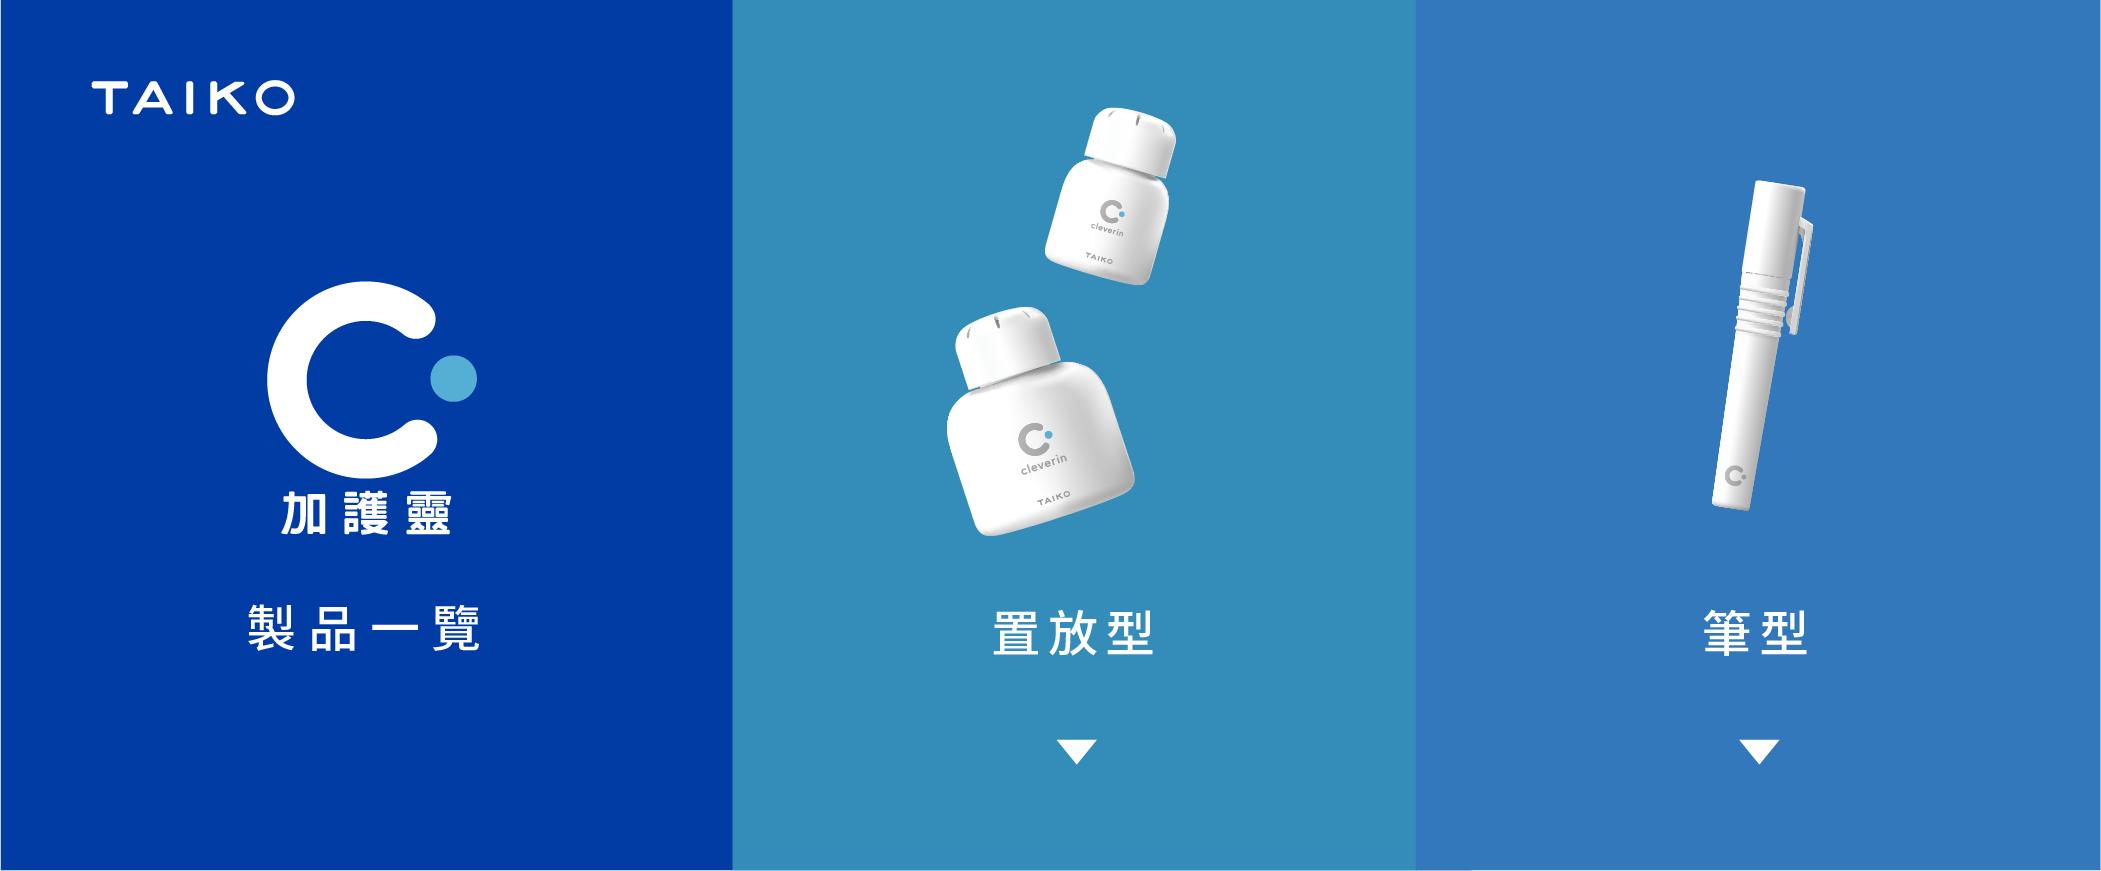 加護靈製品一覽,有置放型的經典瓶、胖胖瓶、筆型